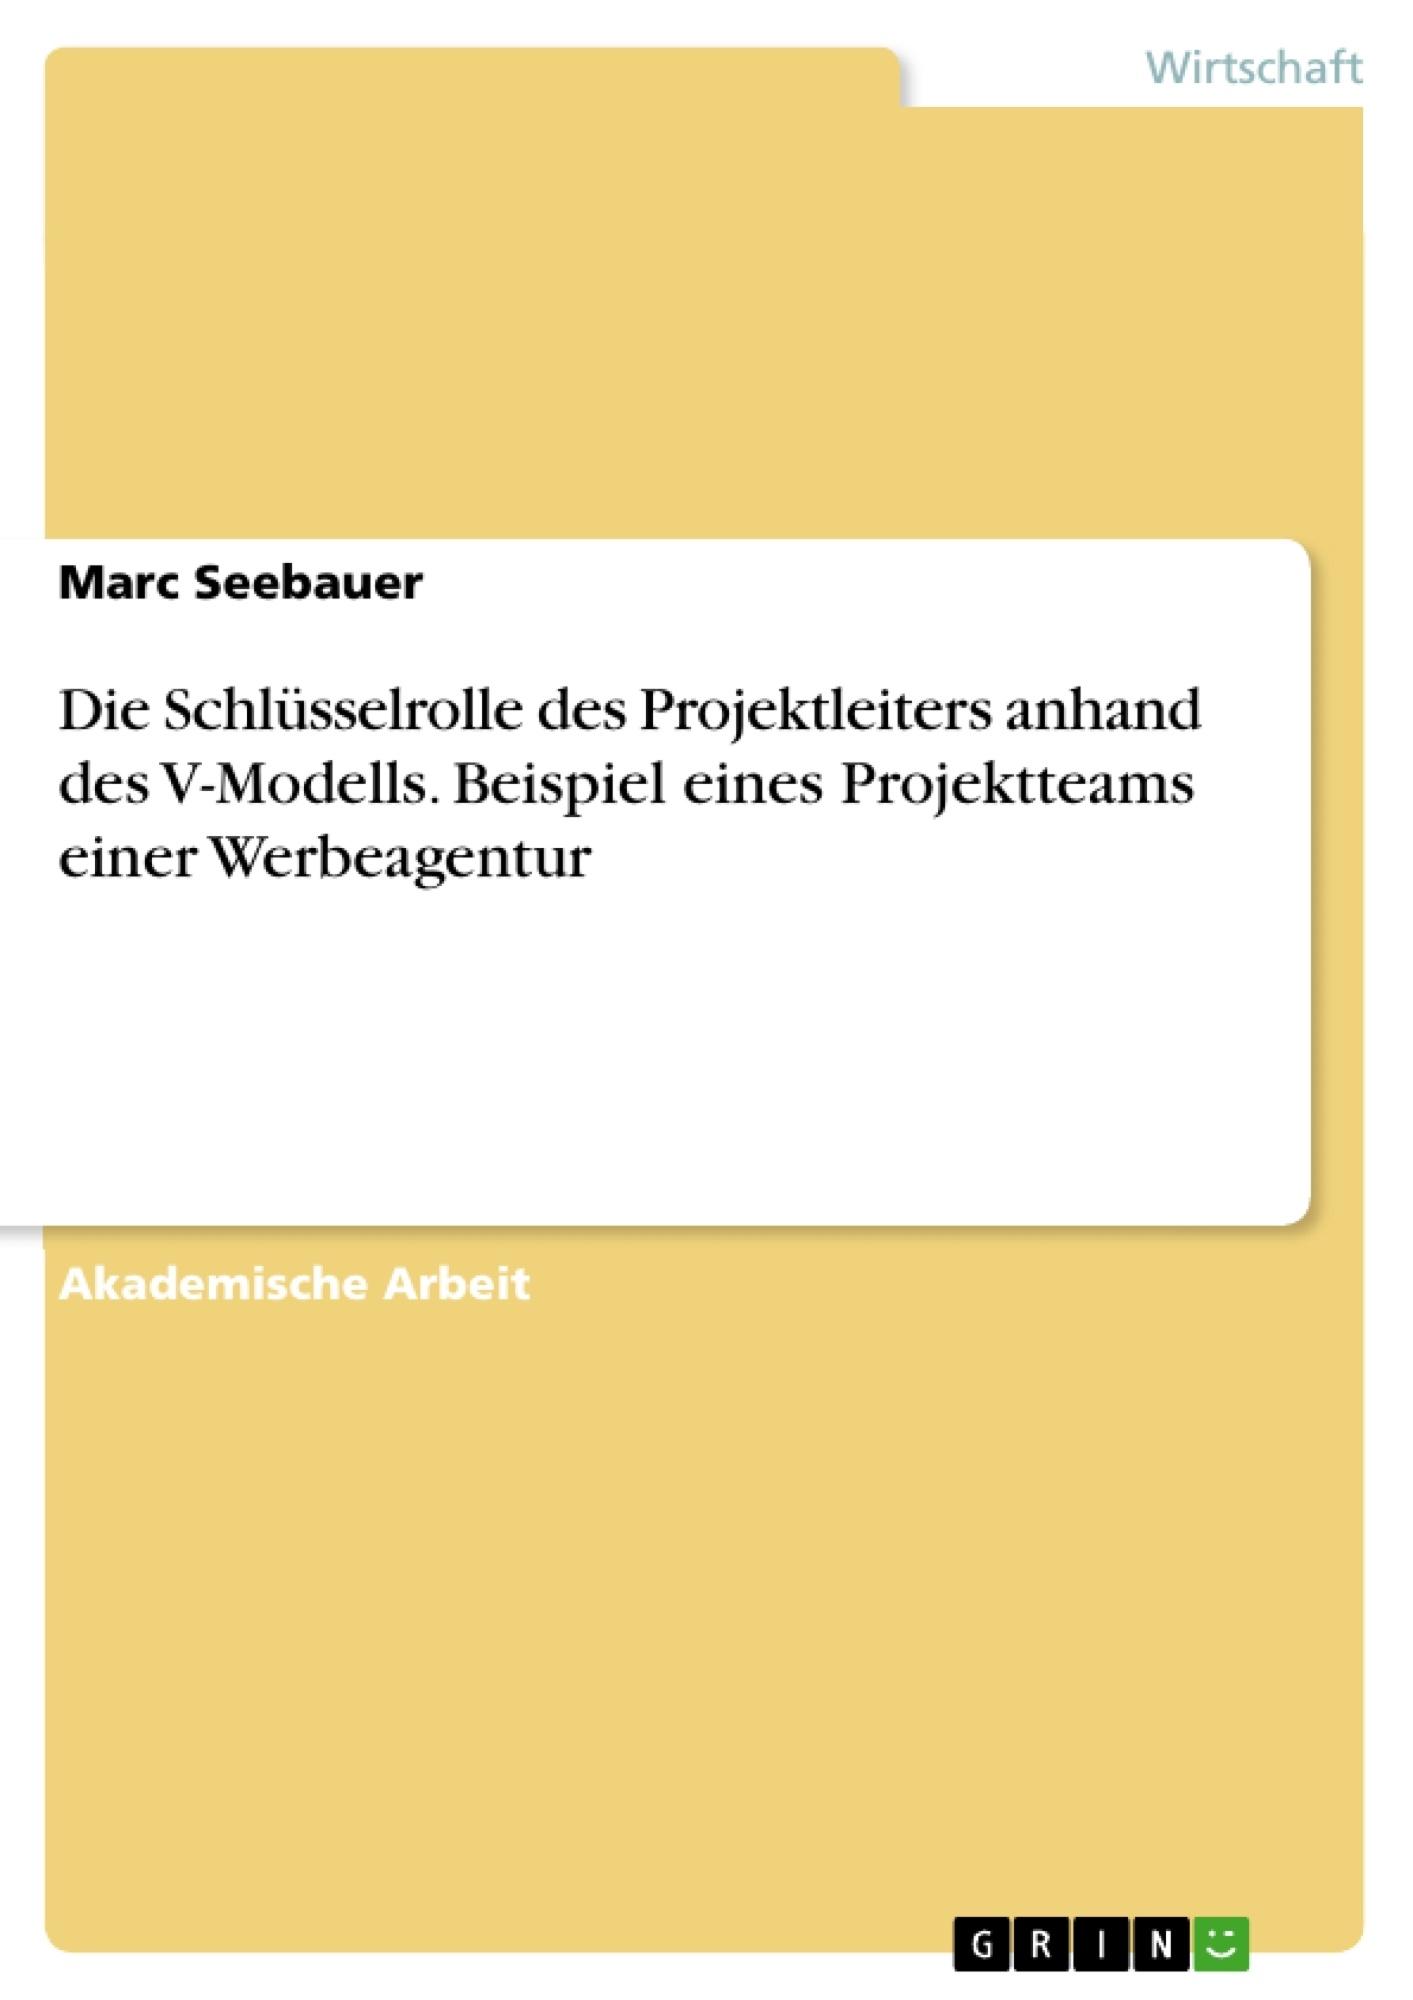 Titel: Die Schlüsselrolle des Projektleiters anhand des V-Modells. Beispiel eines Projektteams einer Werbeagentur